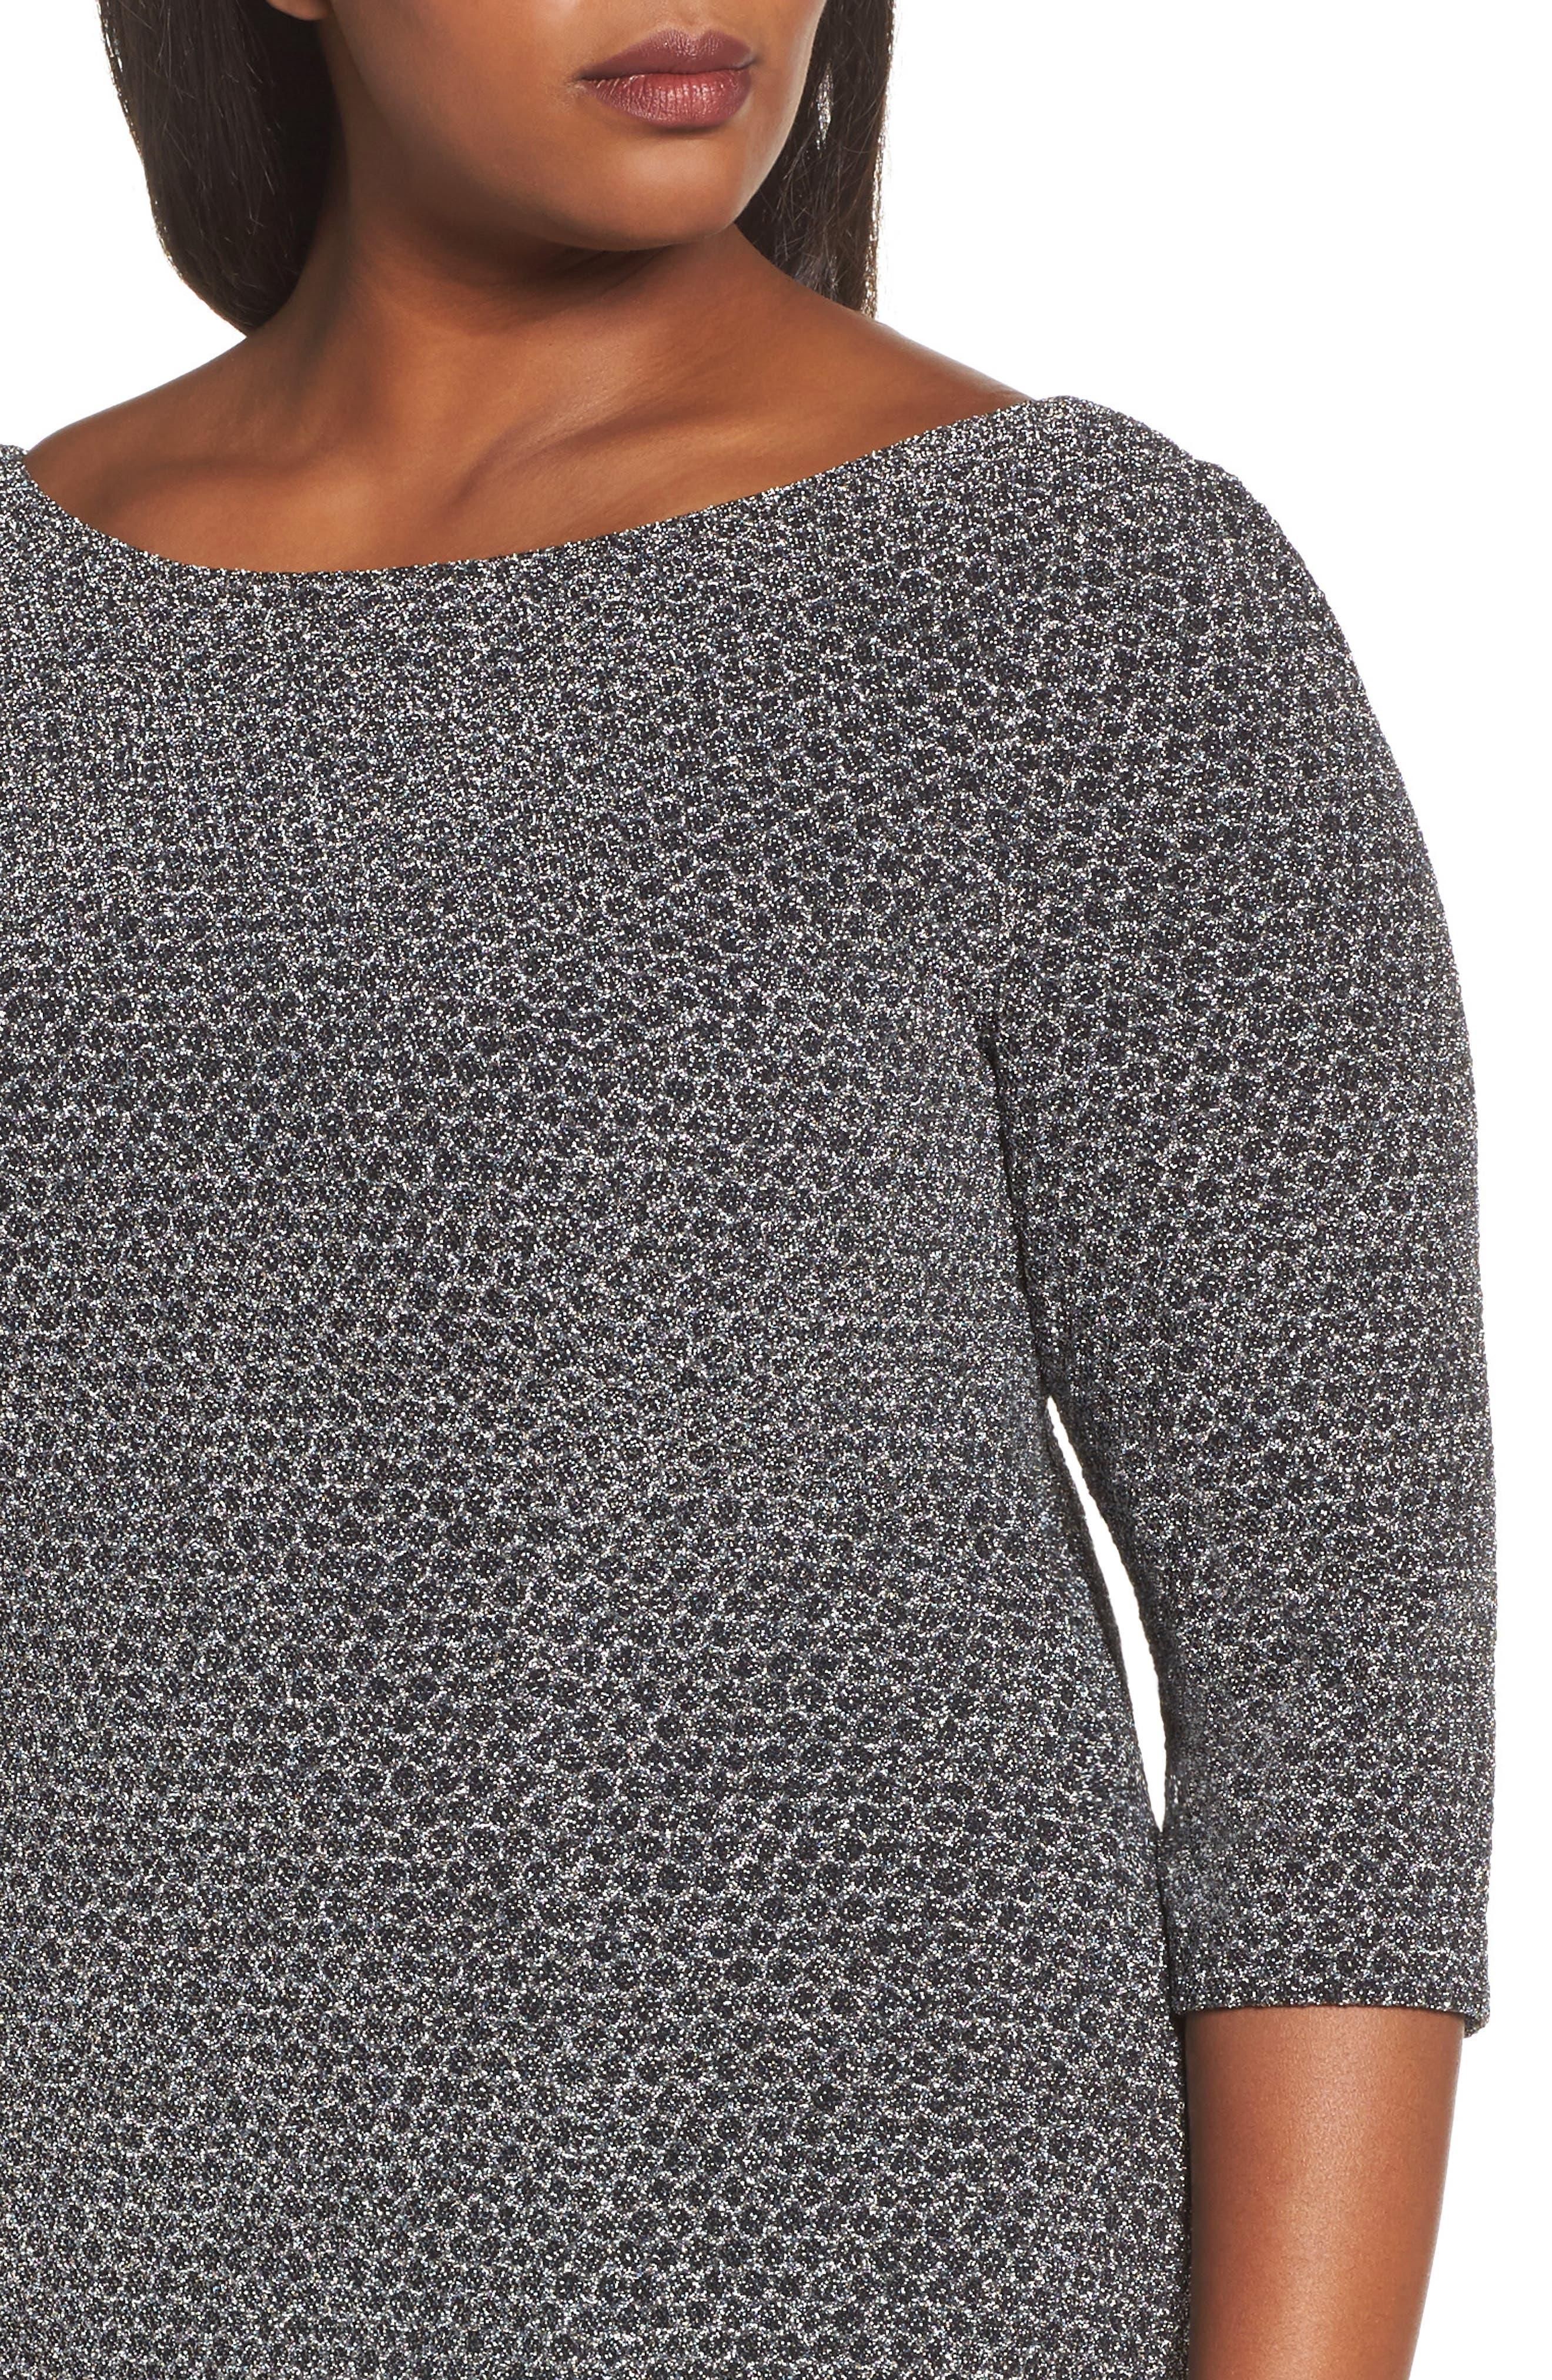 Glitter Knit Sheath Dress,                             Alternate thumbnail 5, color,                             Gunmetal/ Black